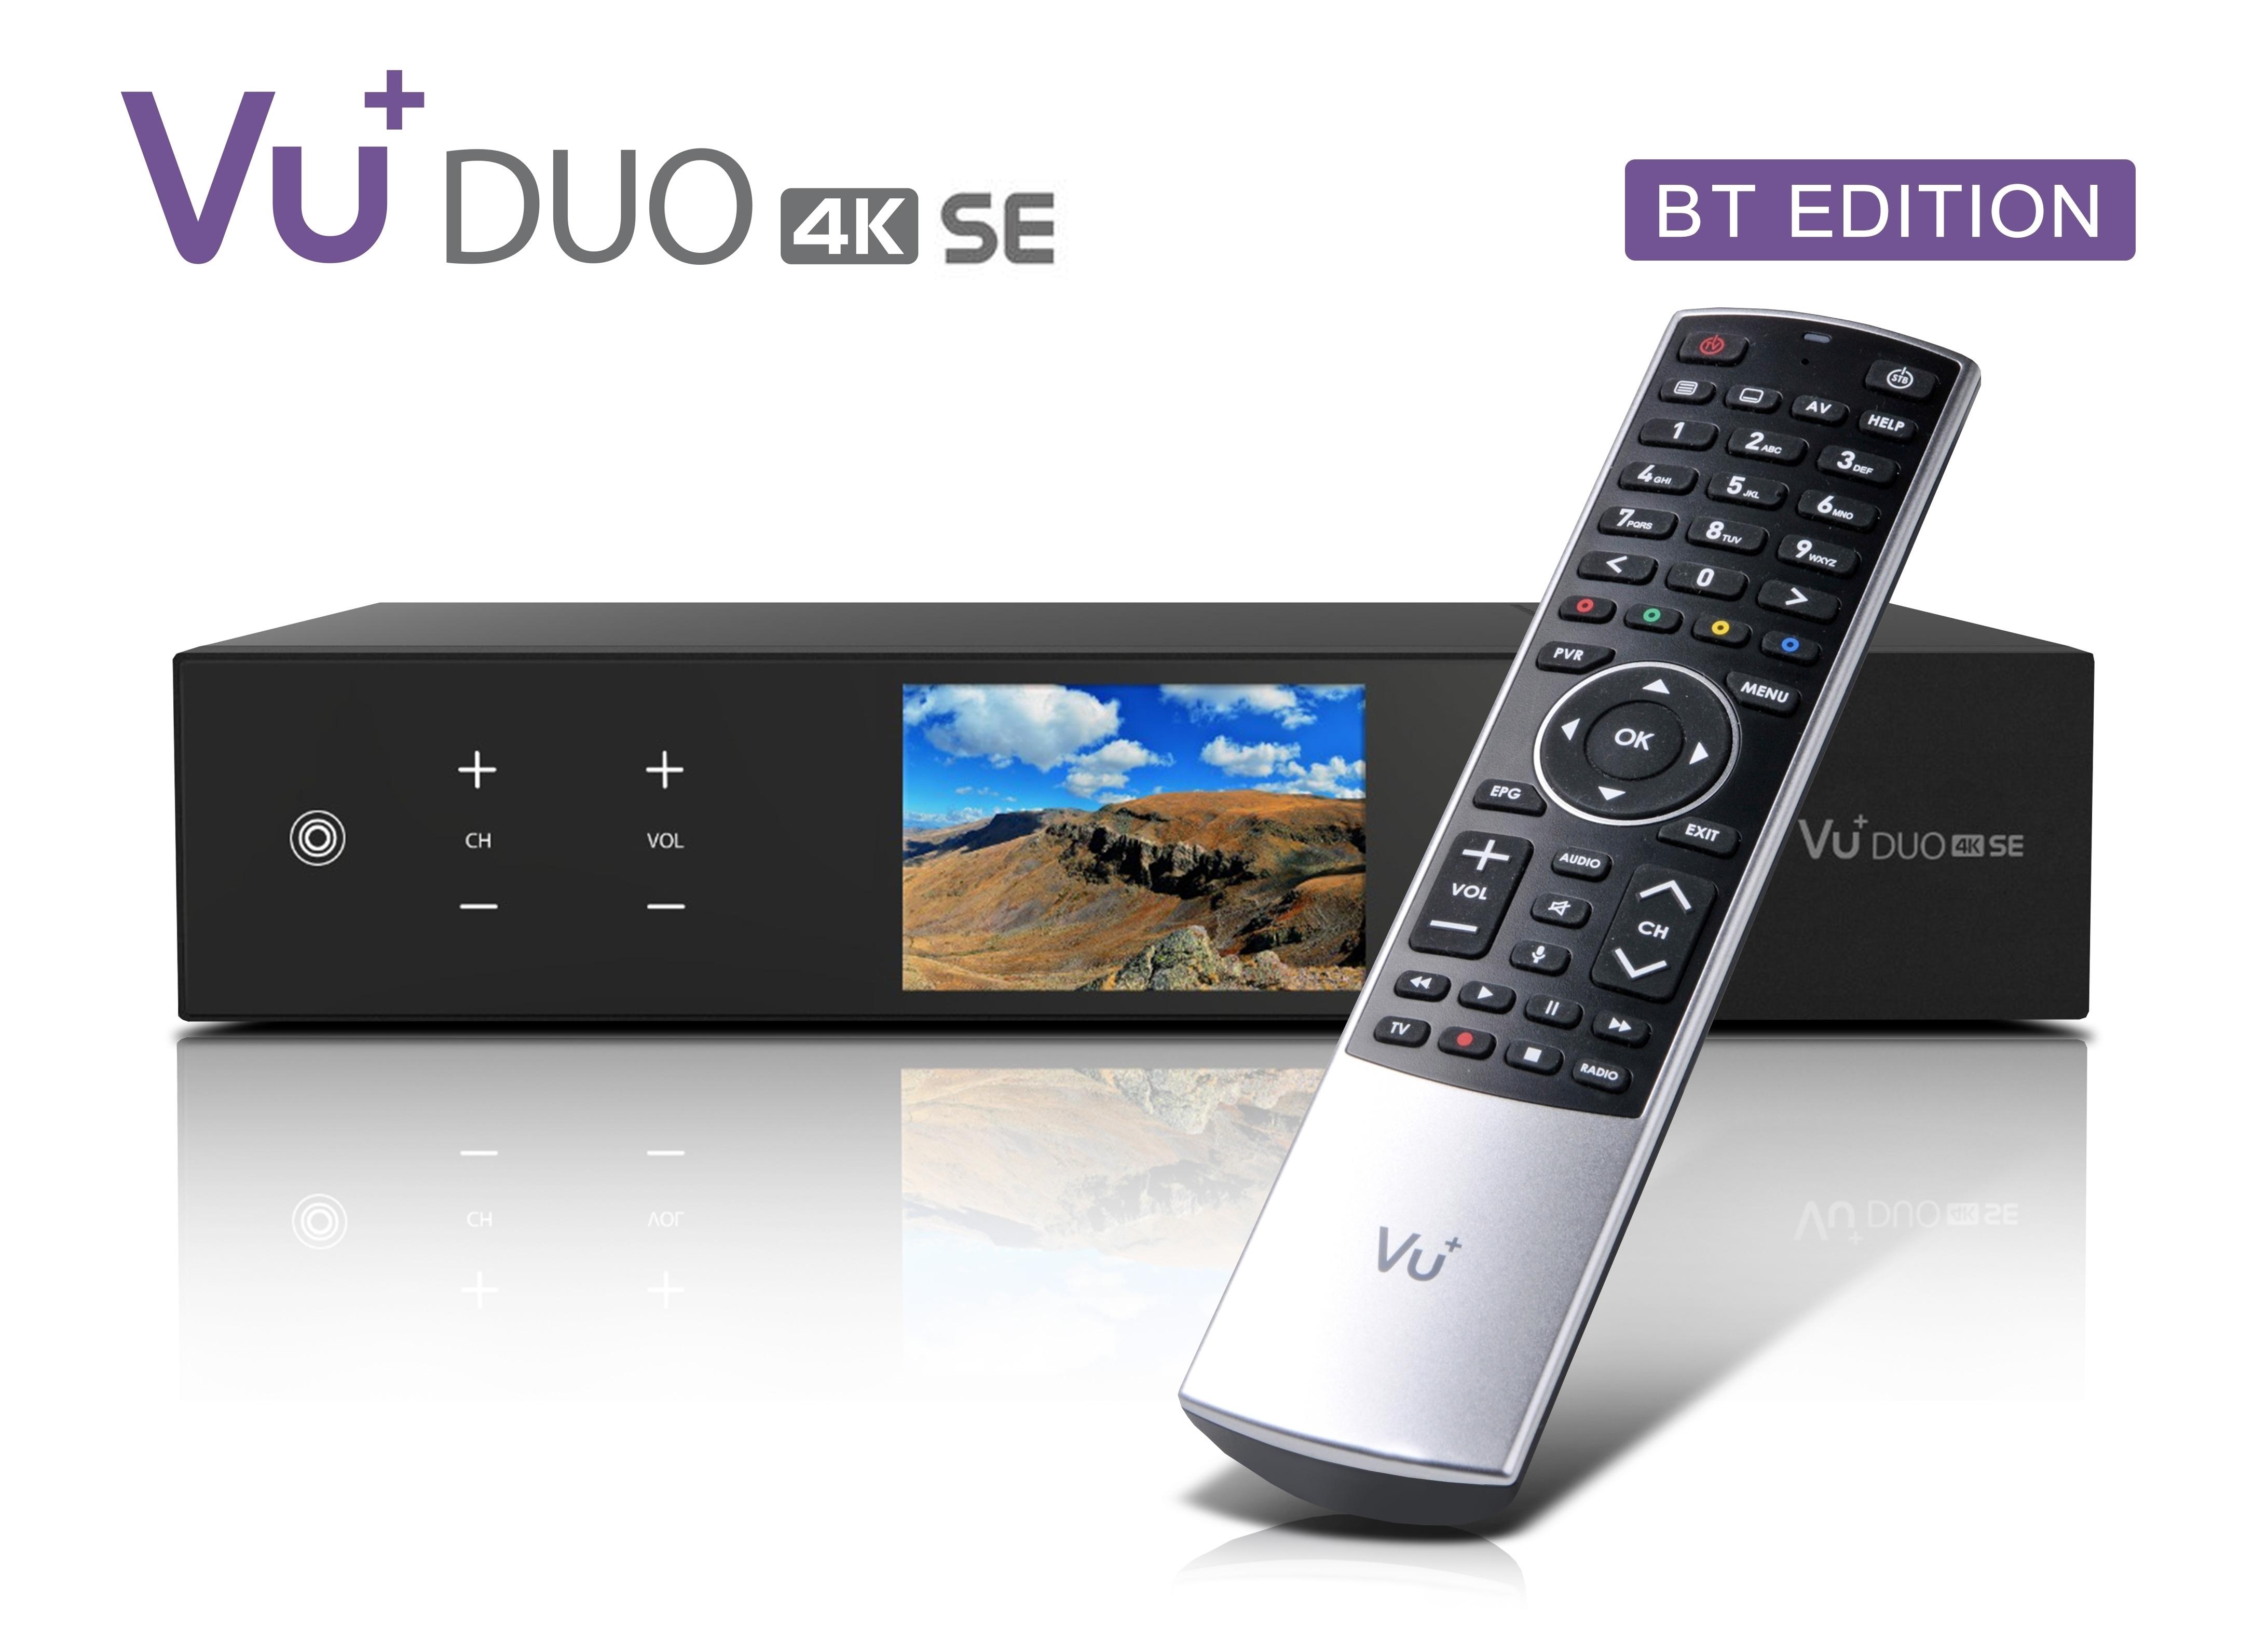 VU+ Duo 4K SE BT 1x DVB-S2X FBC Twin Tuner 1 TB HDD Linux Receiver UHD 2160p